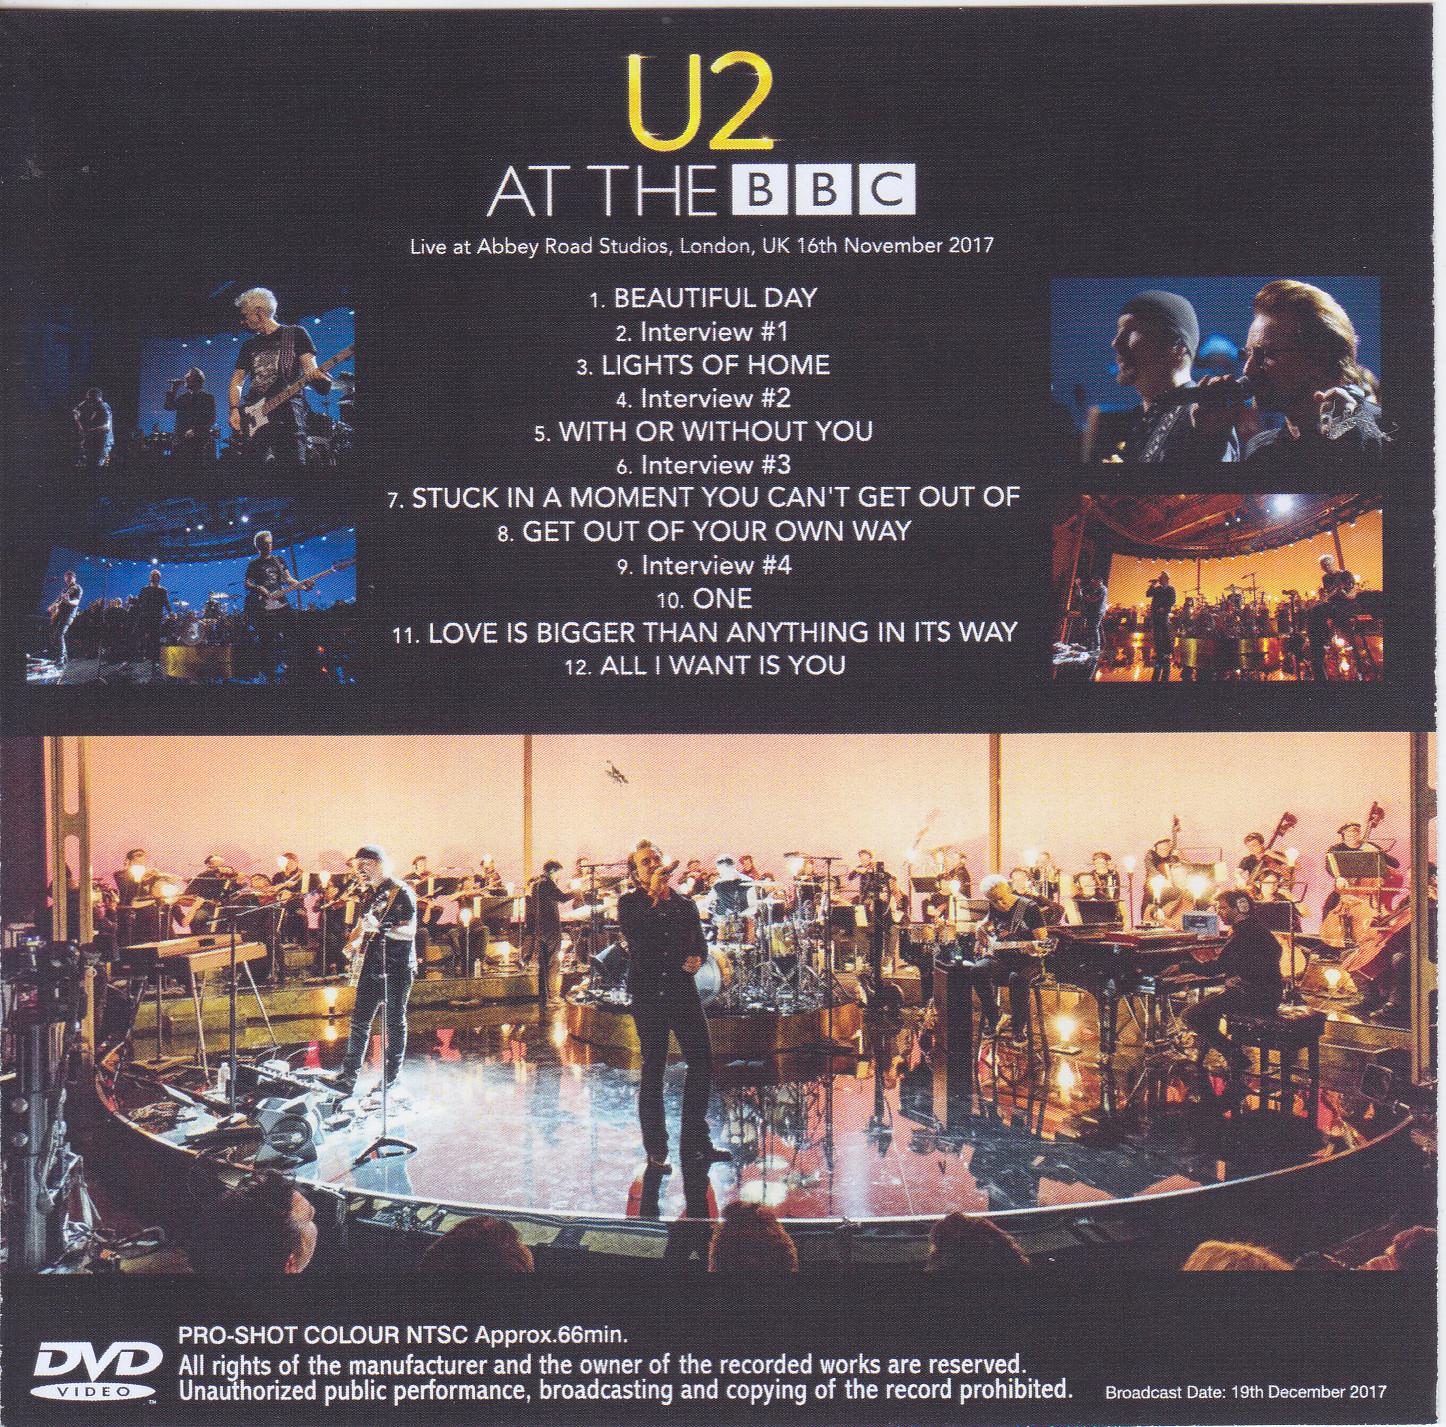 U2 - At The BBC(1Single DVDR)Non Label